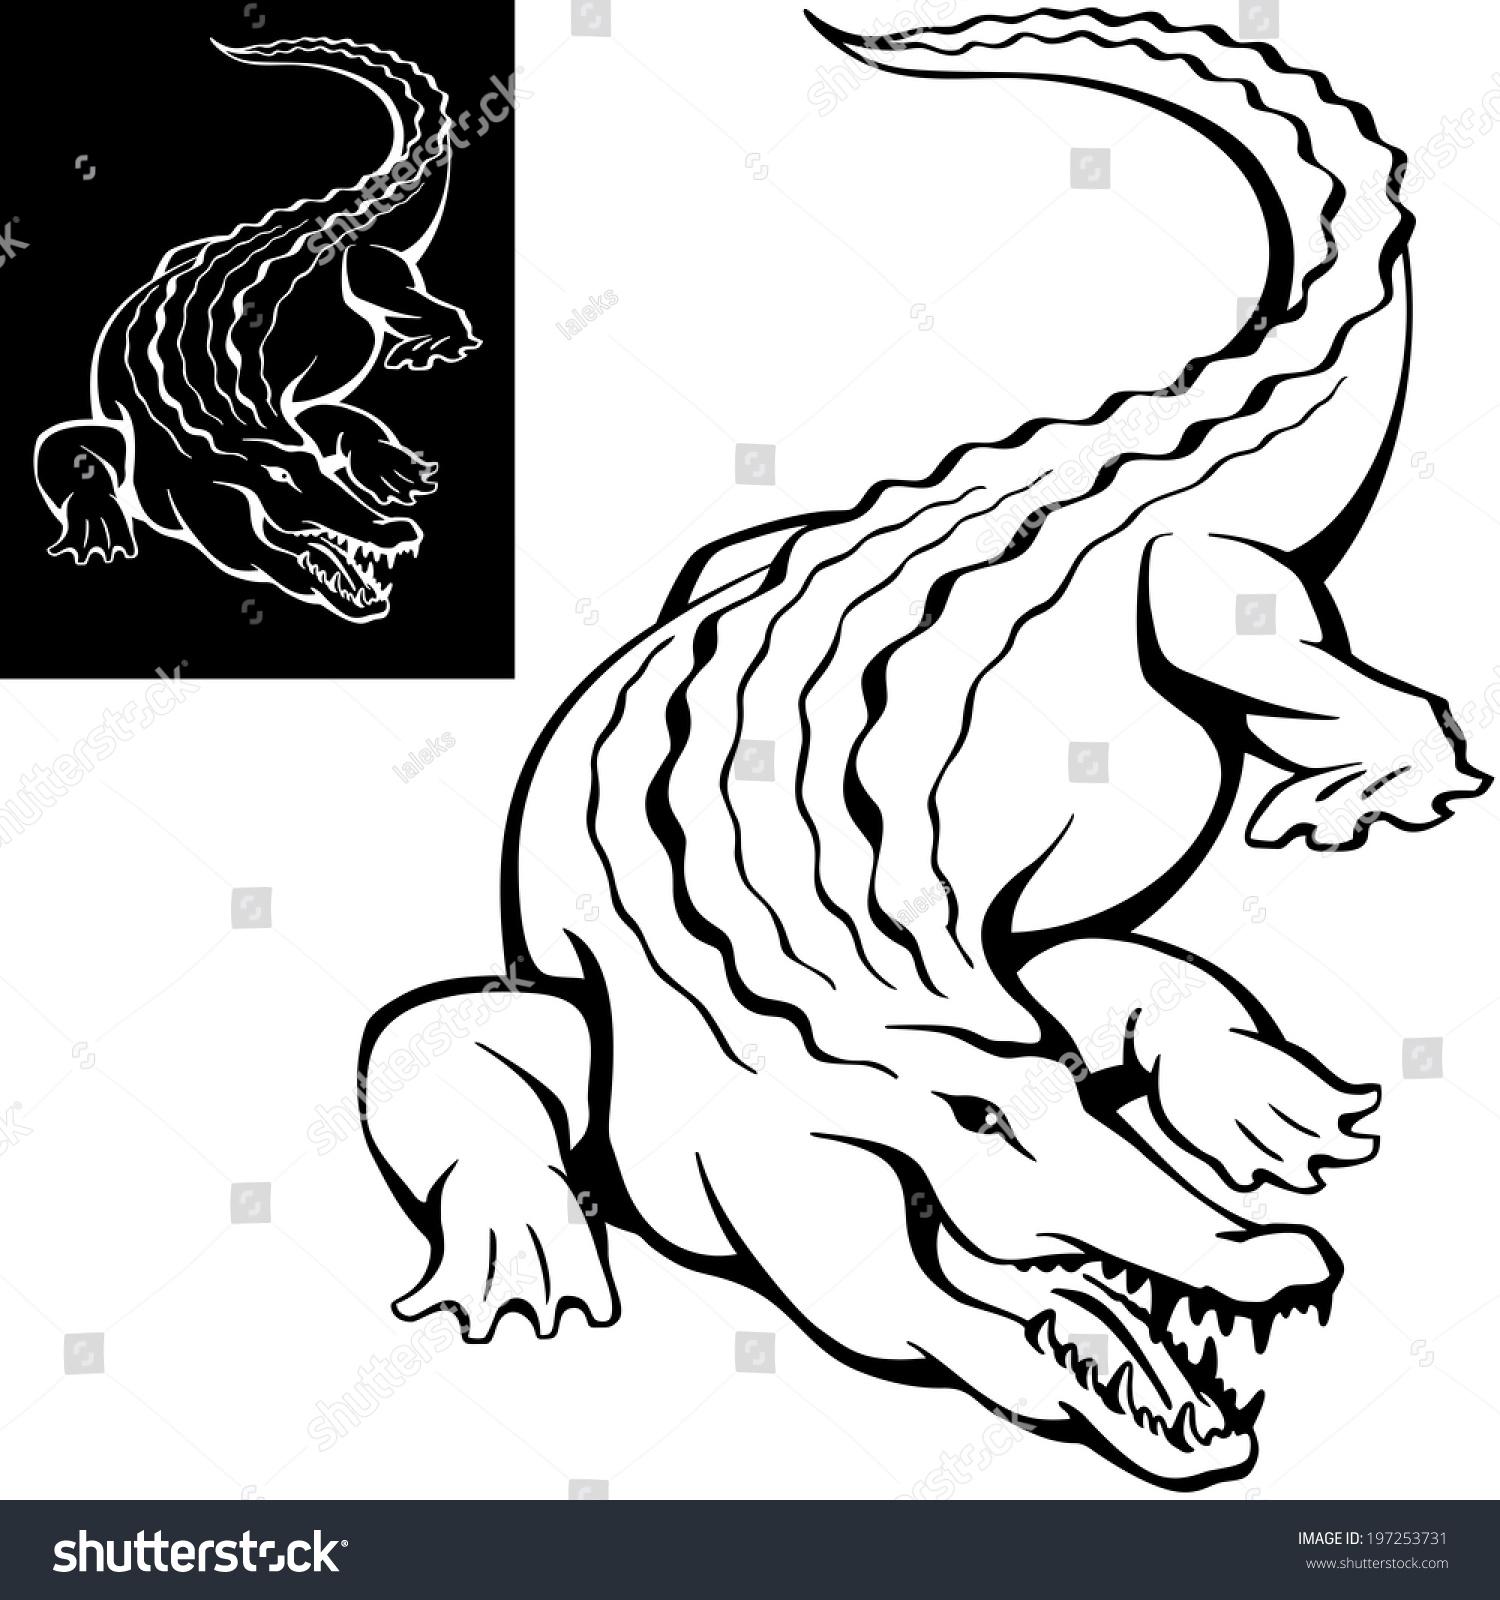 各种各样的动物牙齿简笔画